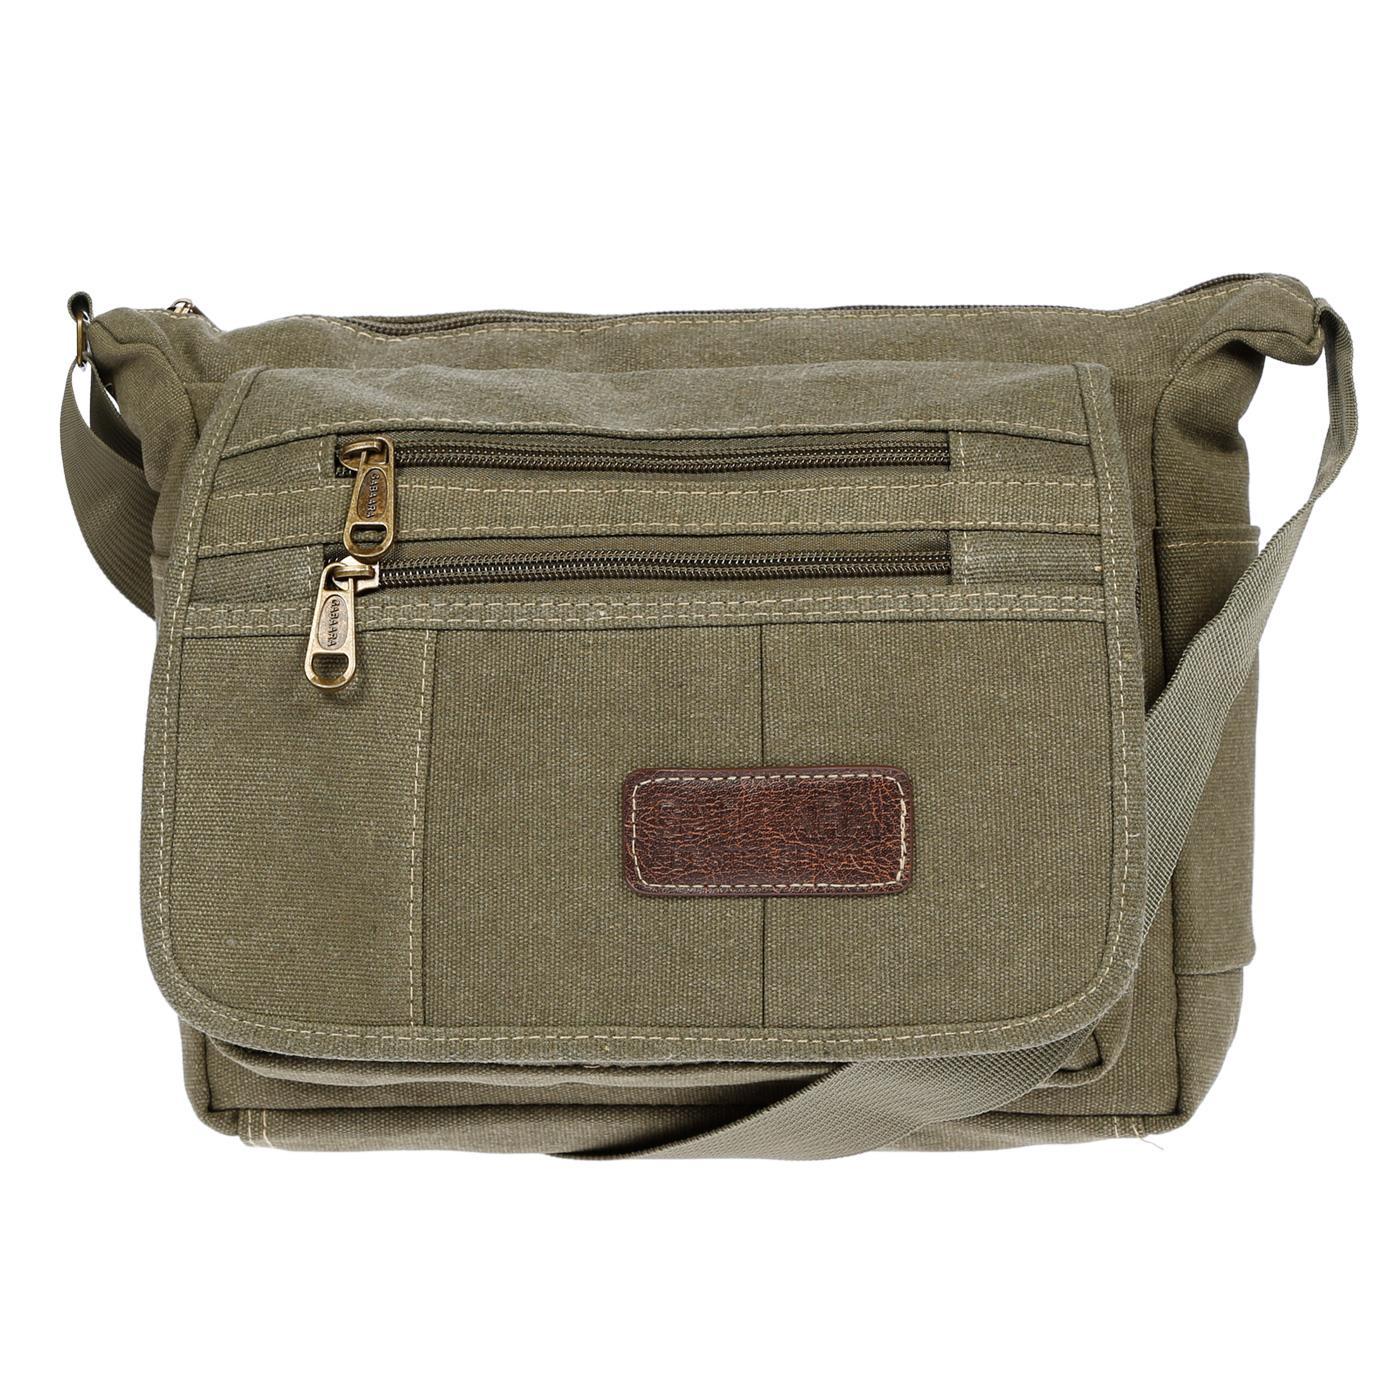 Damen-Tasche-Canvas-Umhaengetasche-Schultertasche-Crossover-Bag-Damenhandtasche Indexbild 38